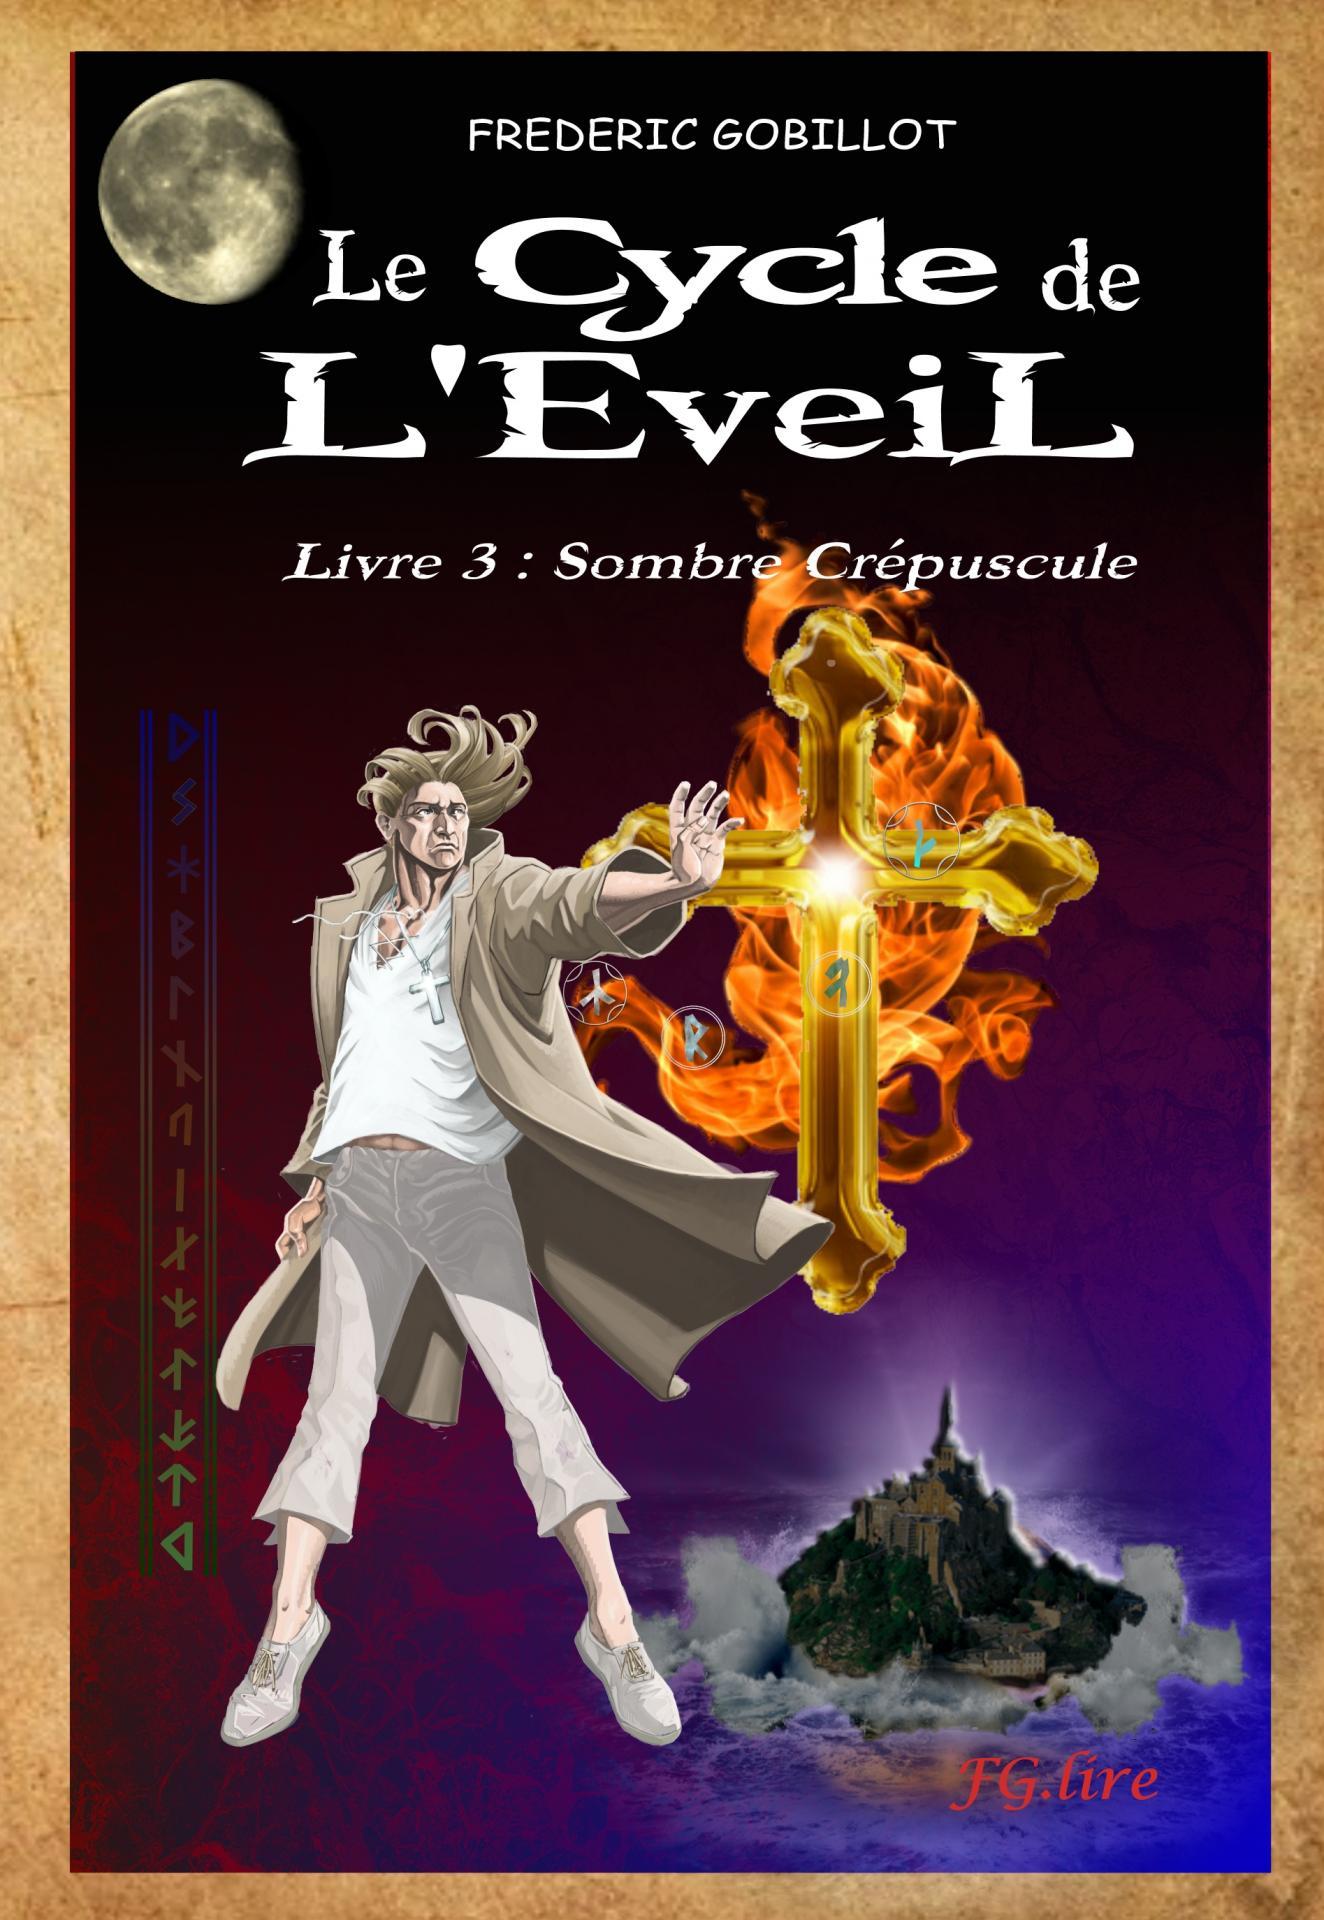 Eveil l3 couverture 2